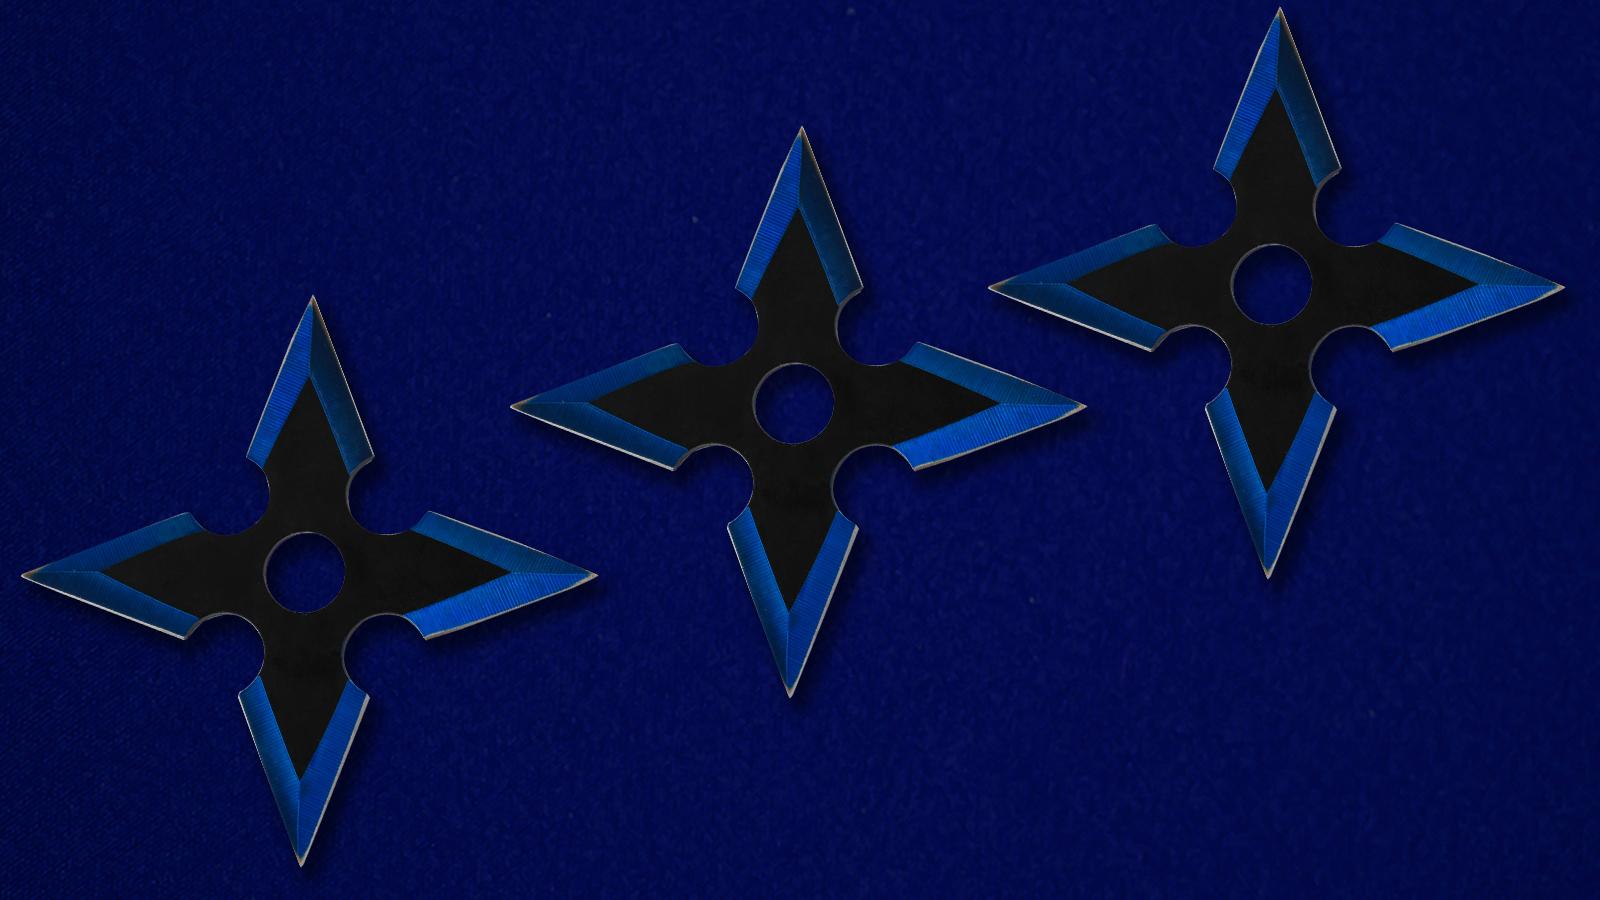 Метательные звезды Сякен с доставкой